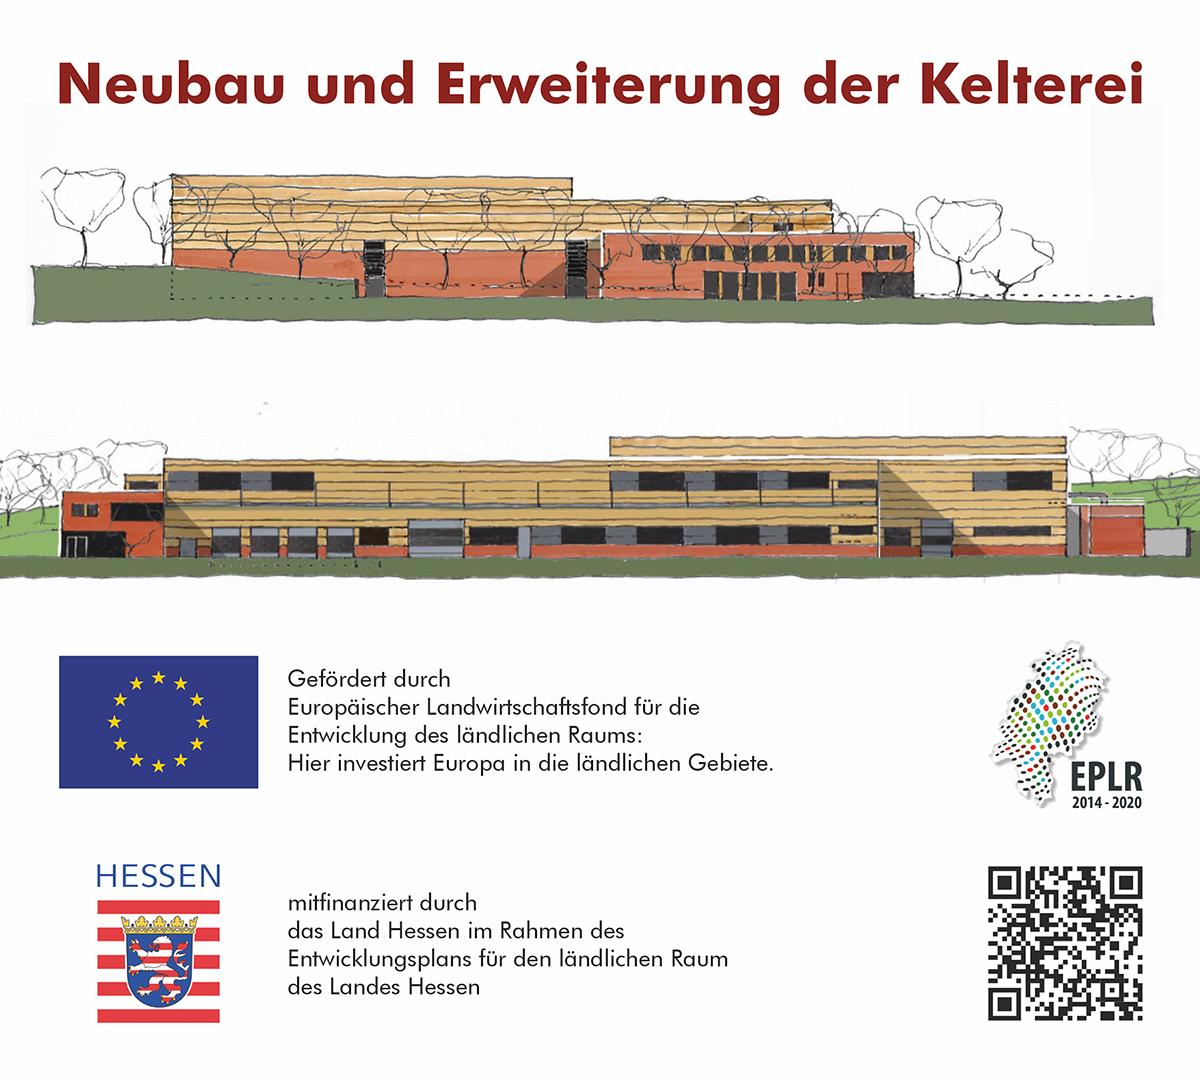 Neubau und Erweiterung der Kelterei